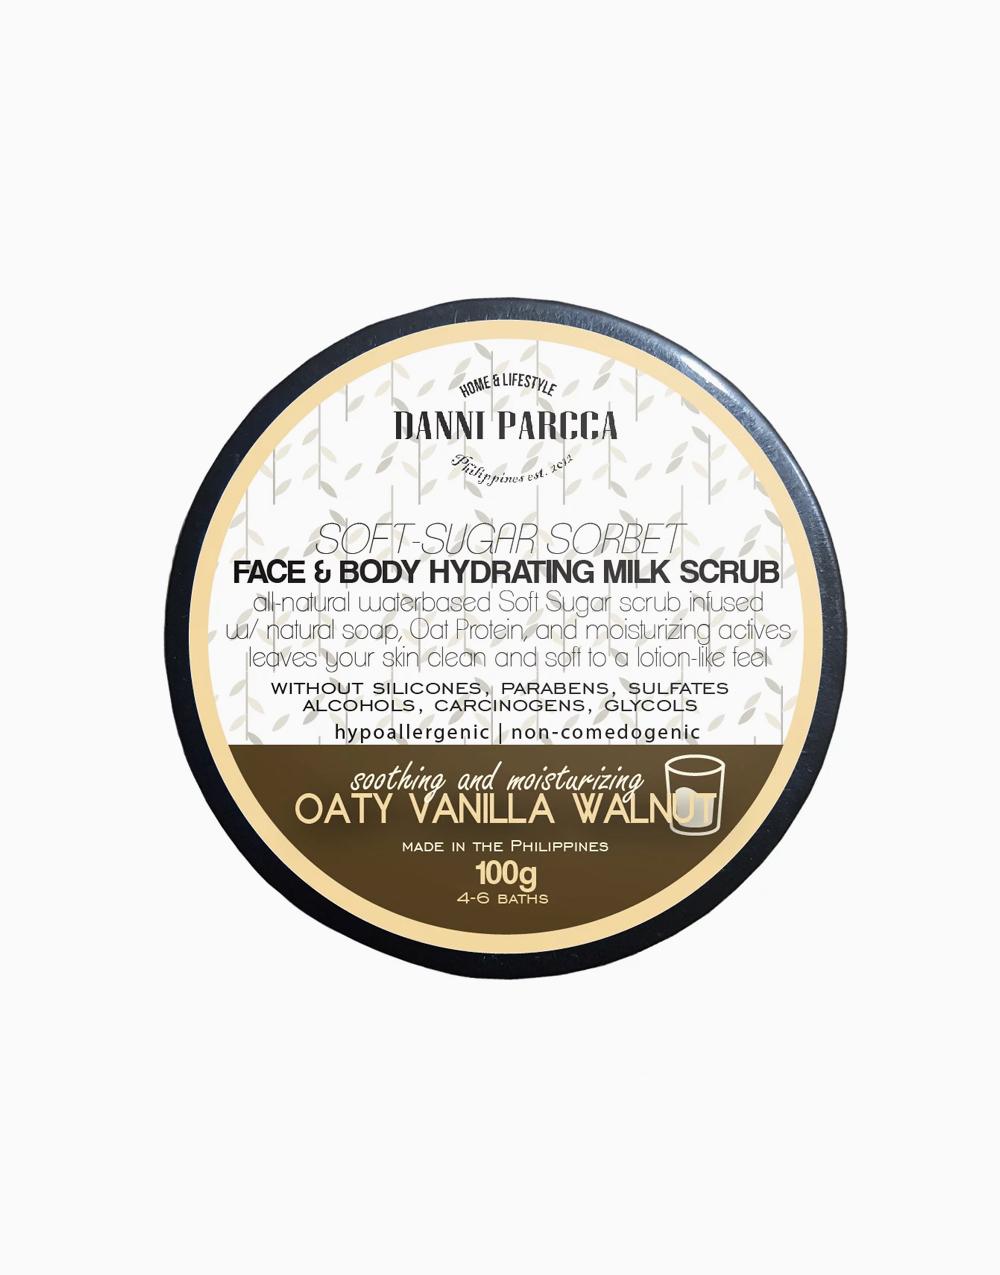 Face & Body Hydrating Milk Scrub in Oaty Vanilla Walnut (100g) by Danni Parcca